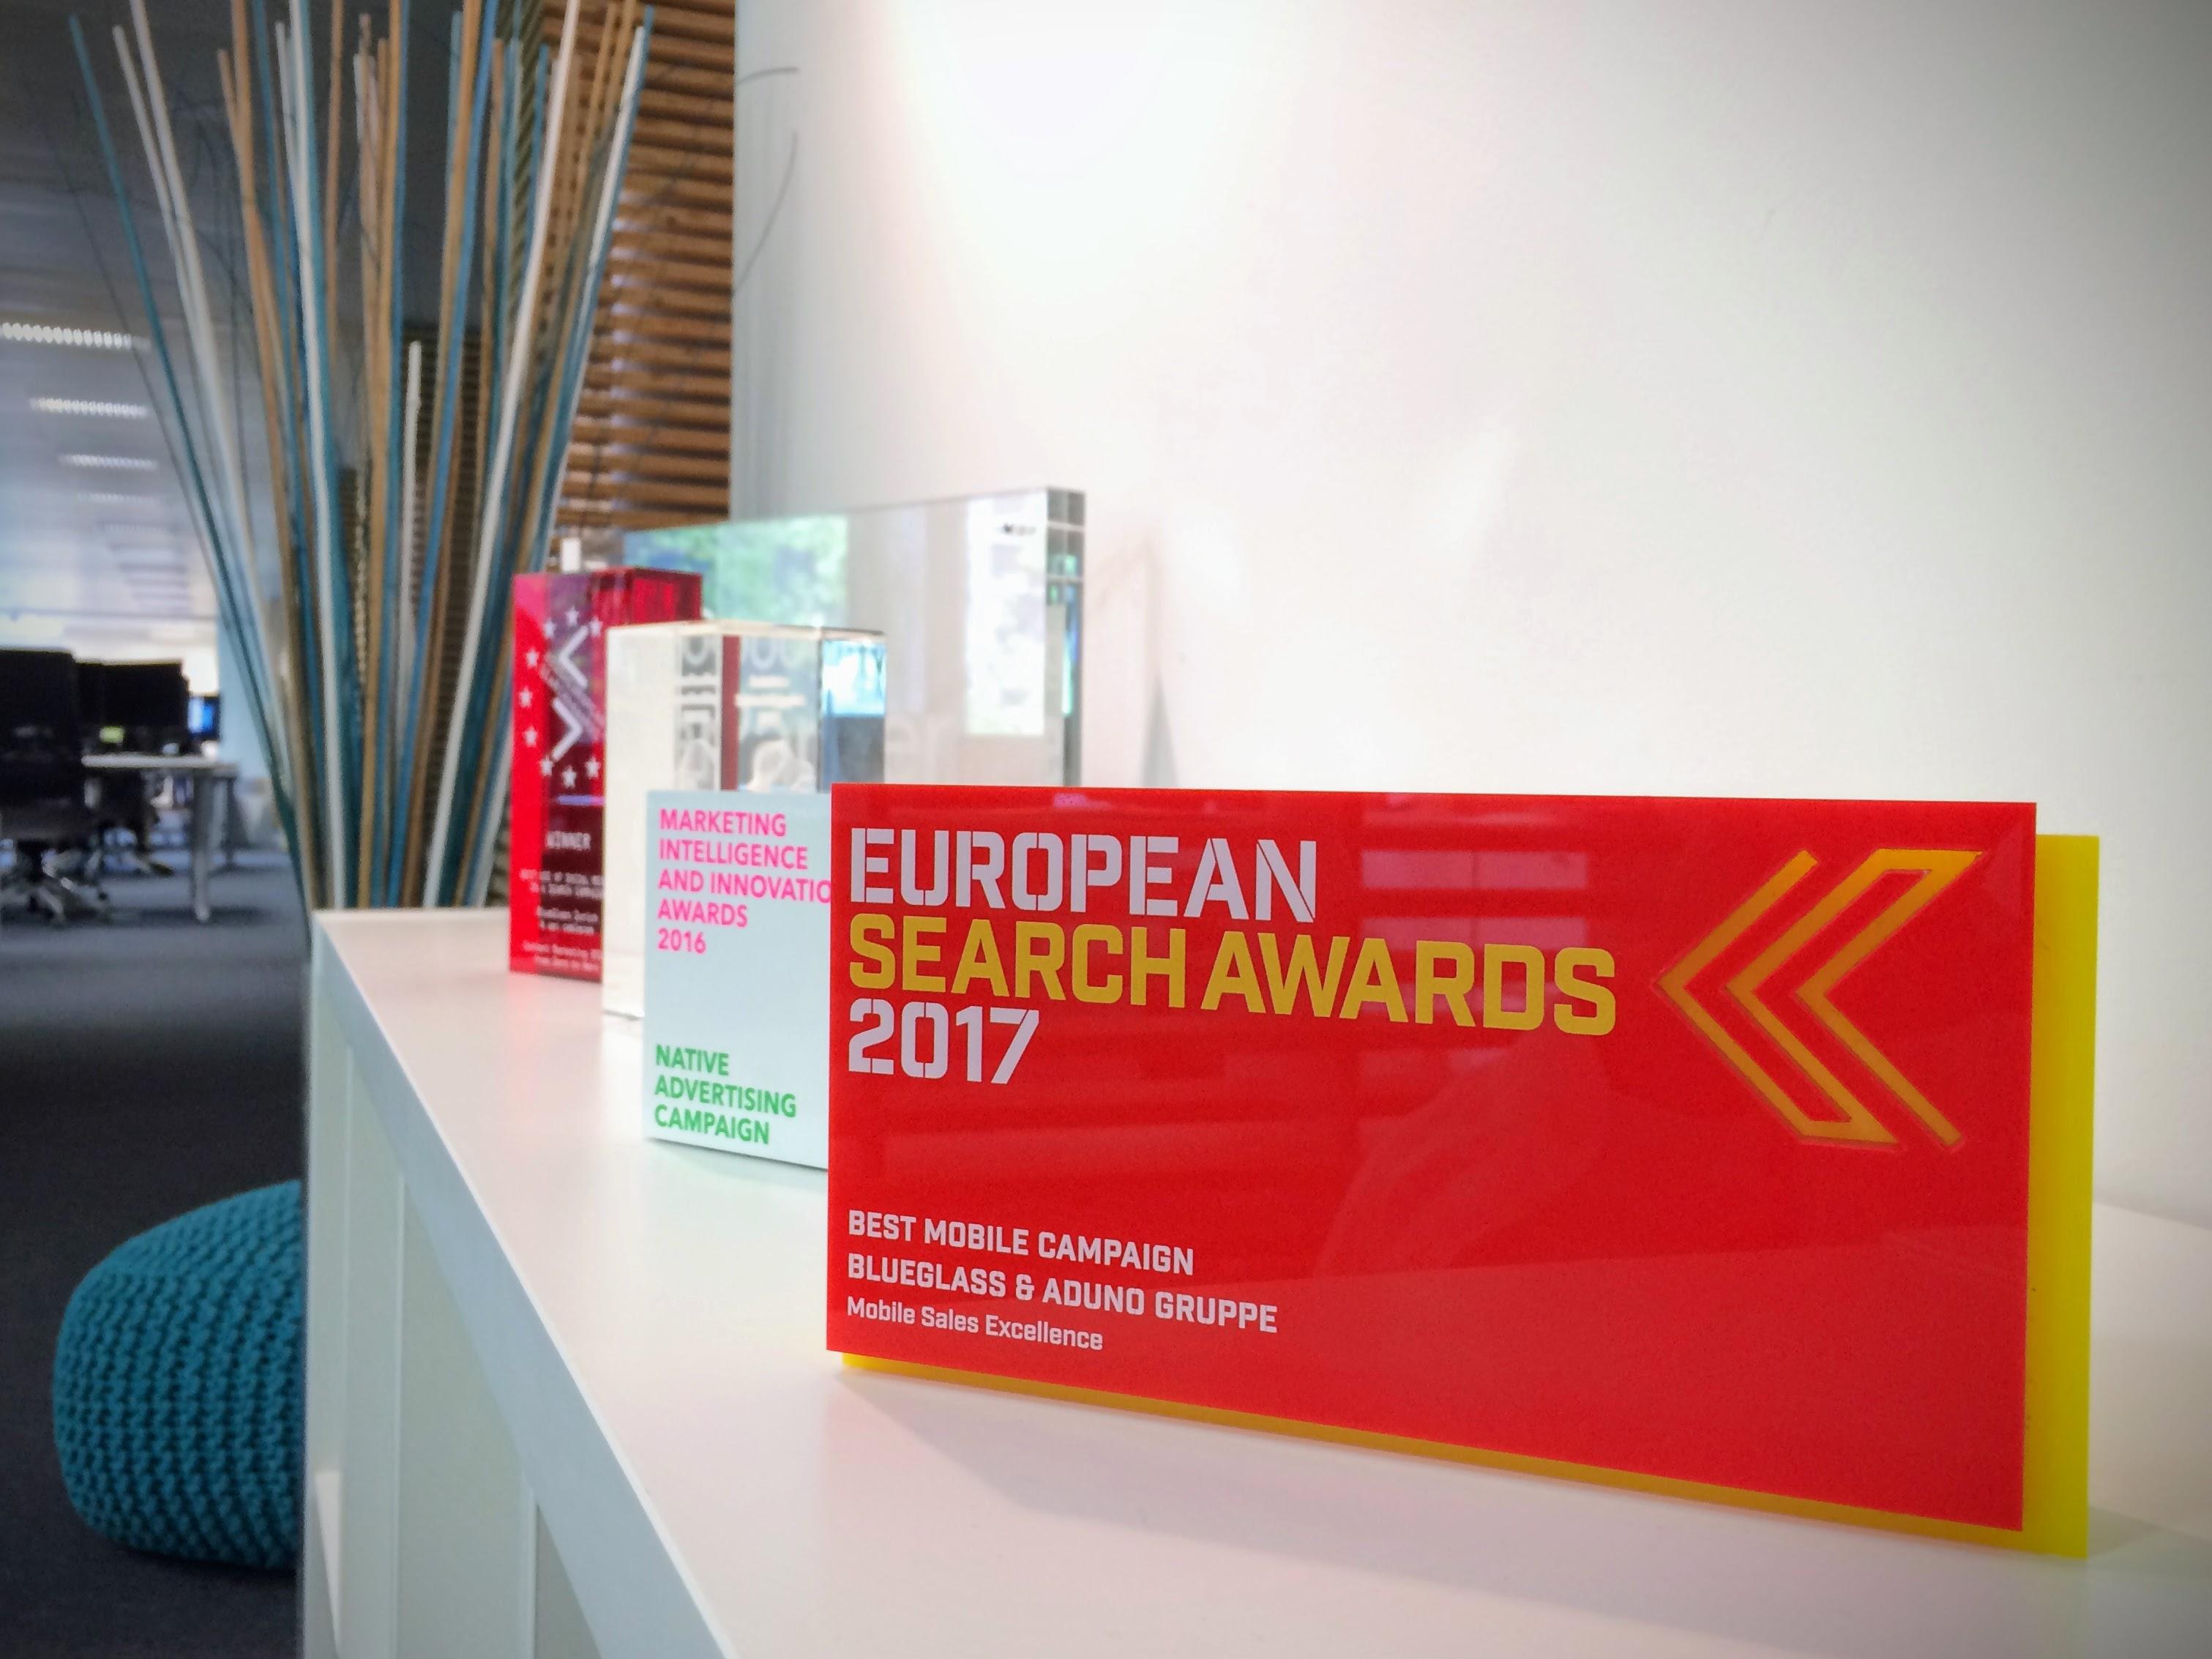 European Search Award 2017 Palmarés